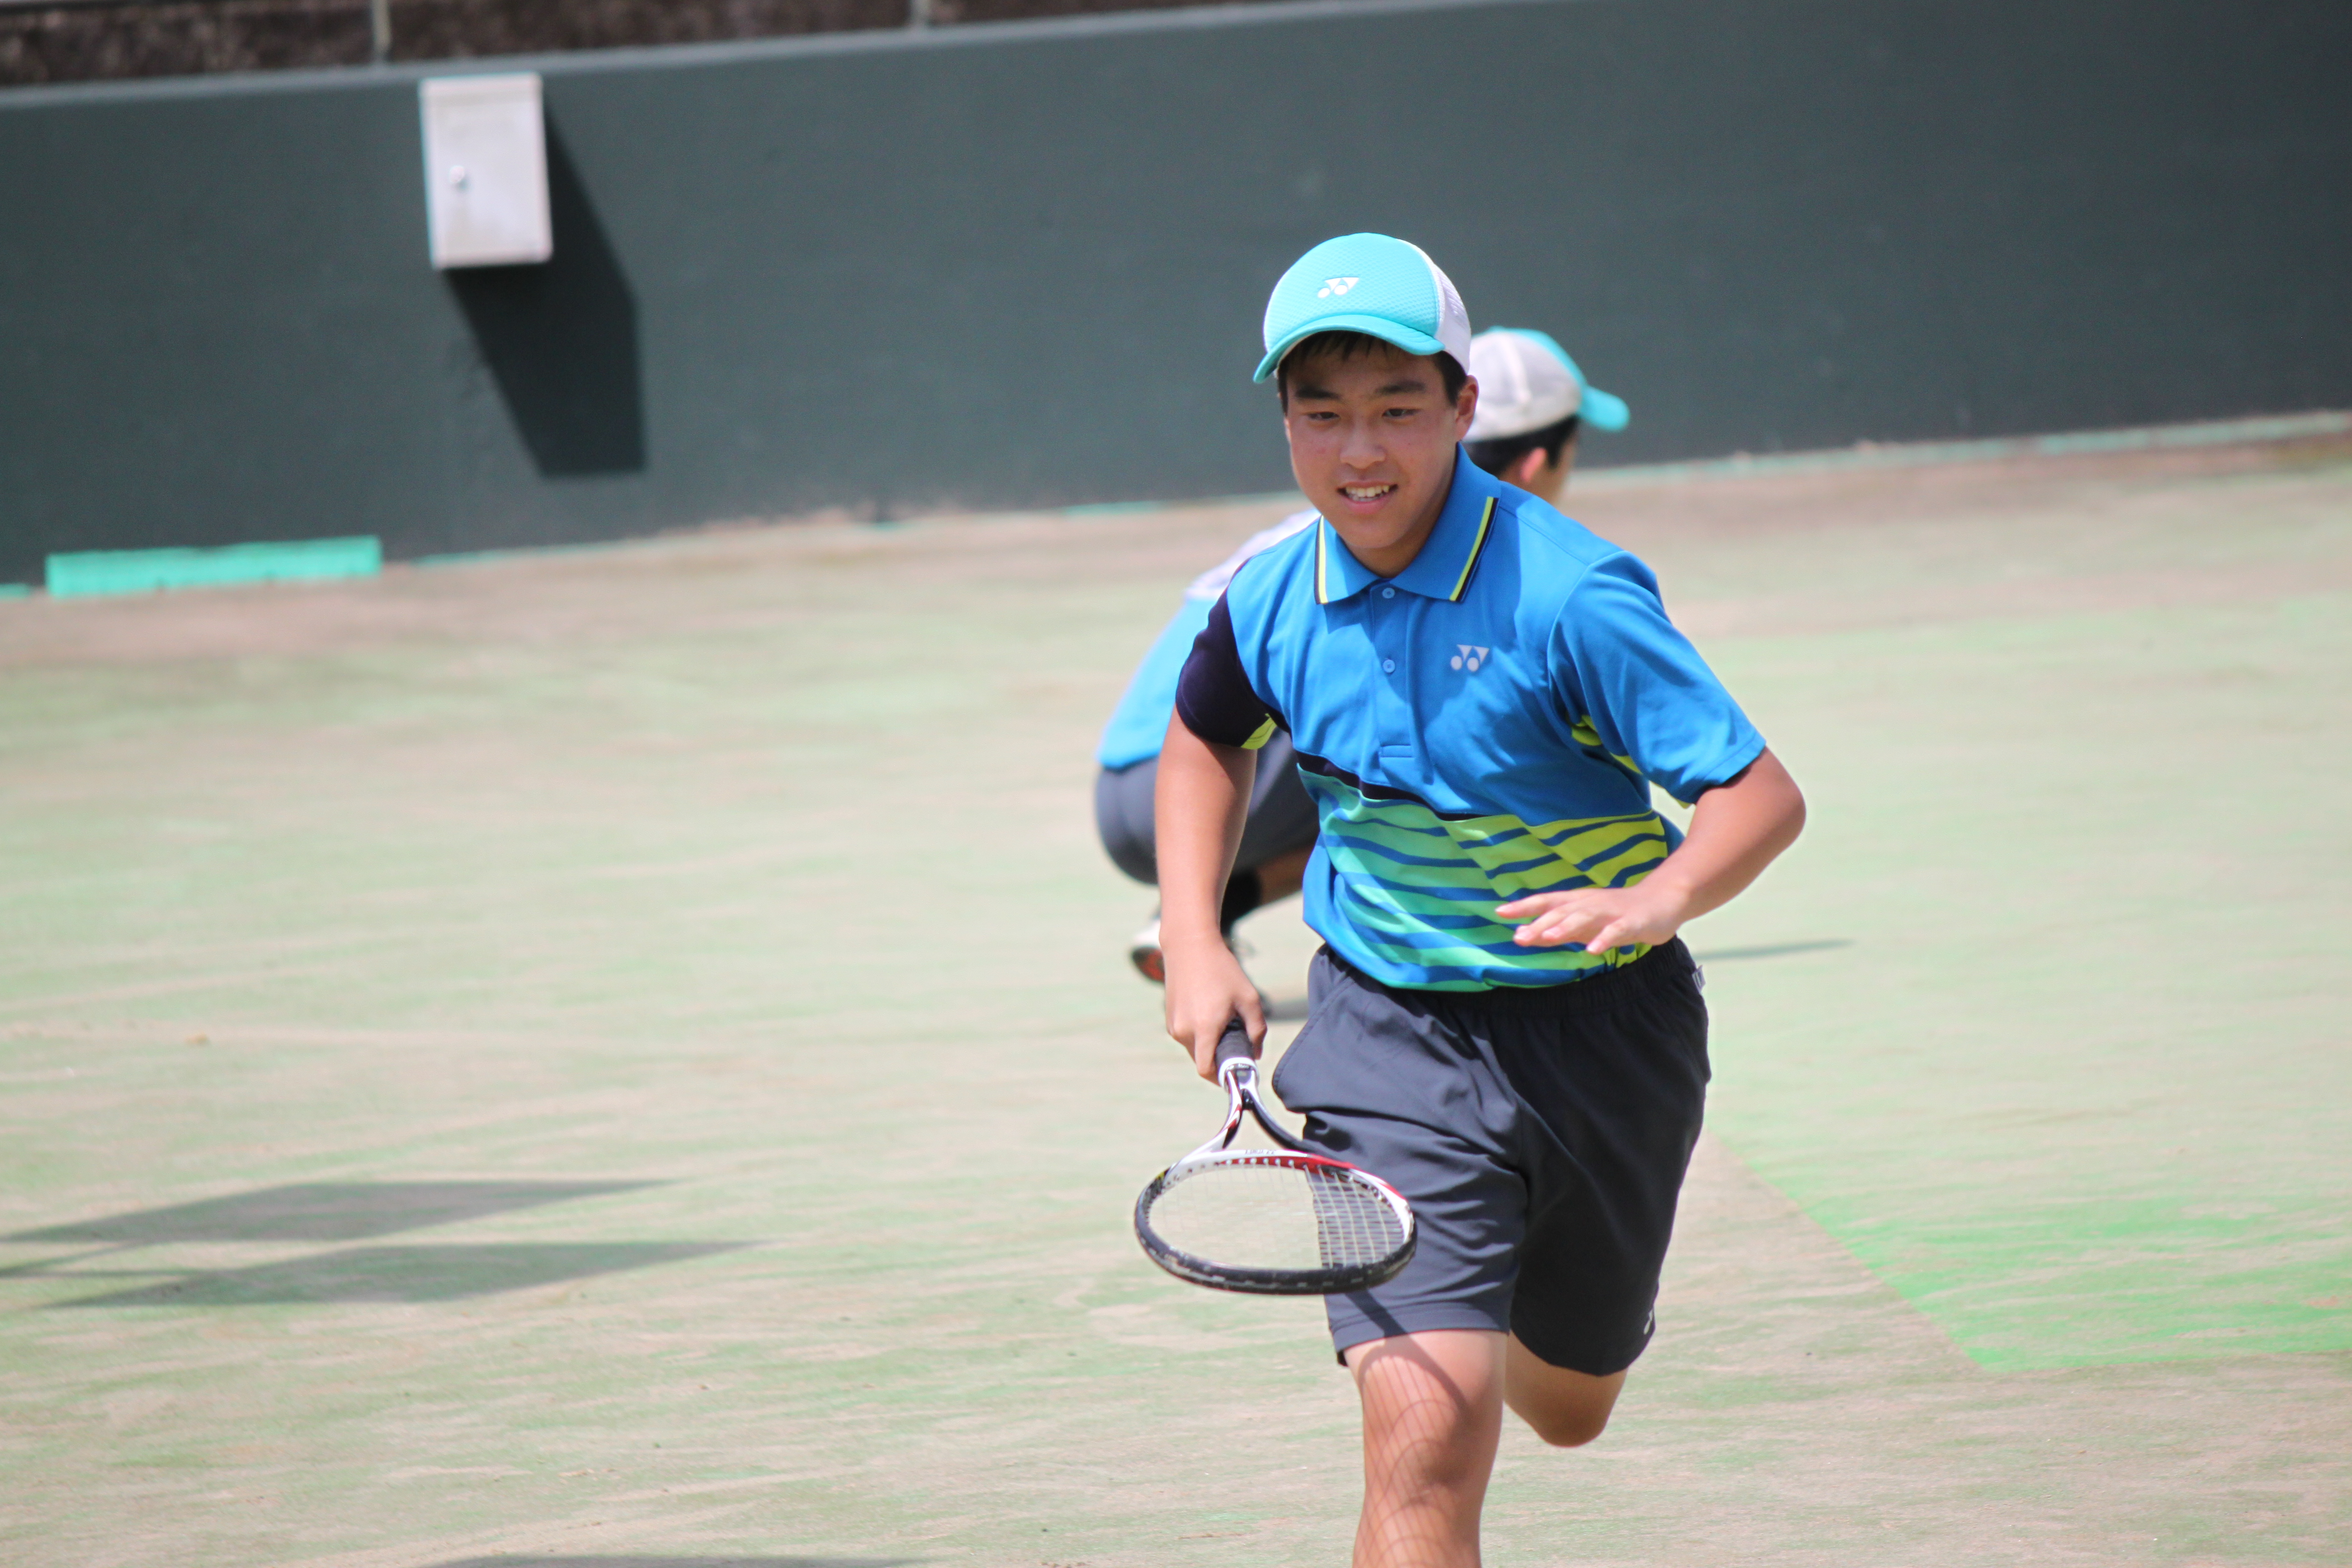 ソフトテニス (280)